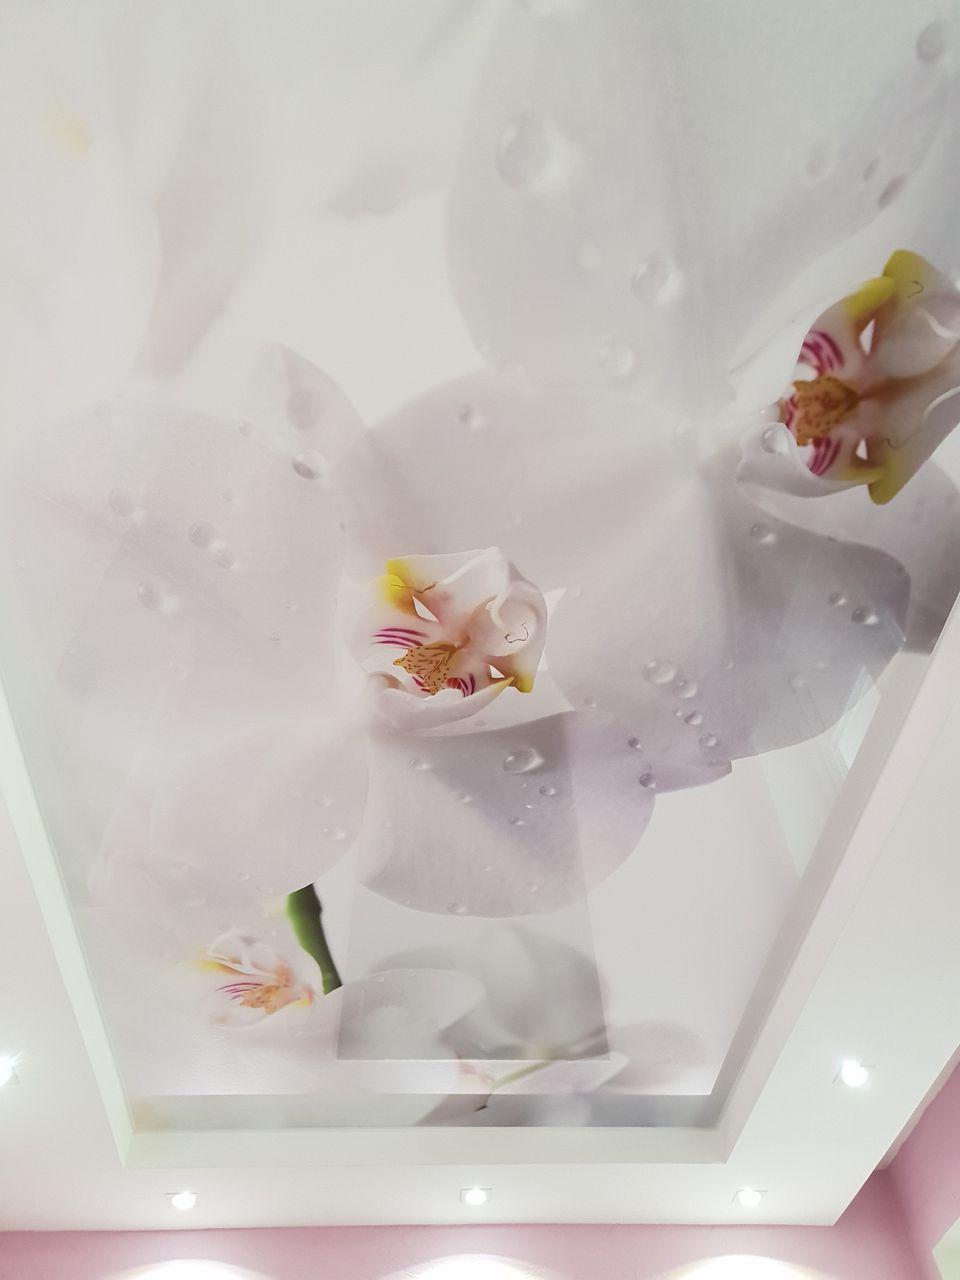 Фото картинки цветок на потолок